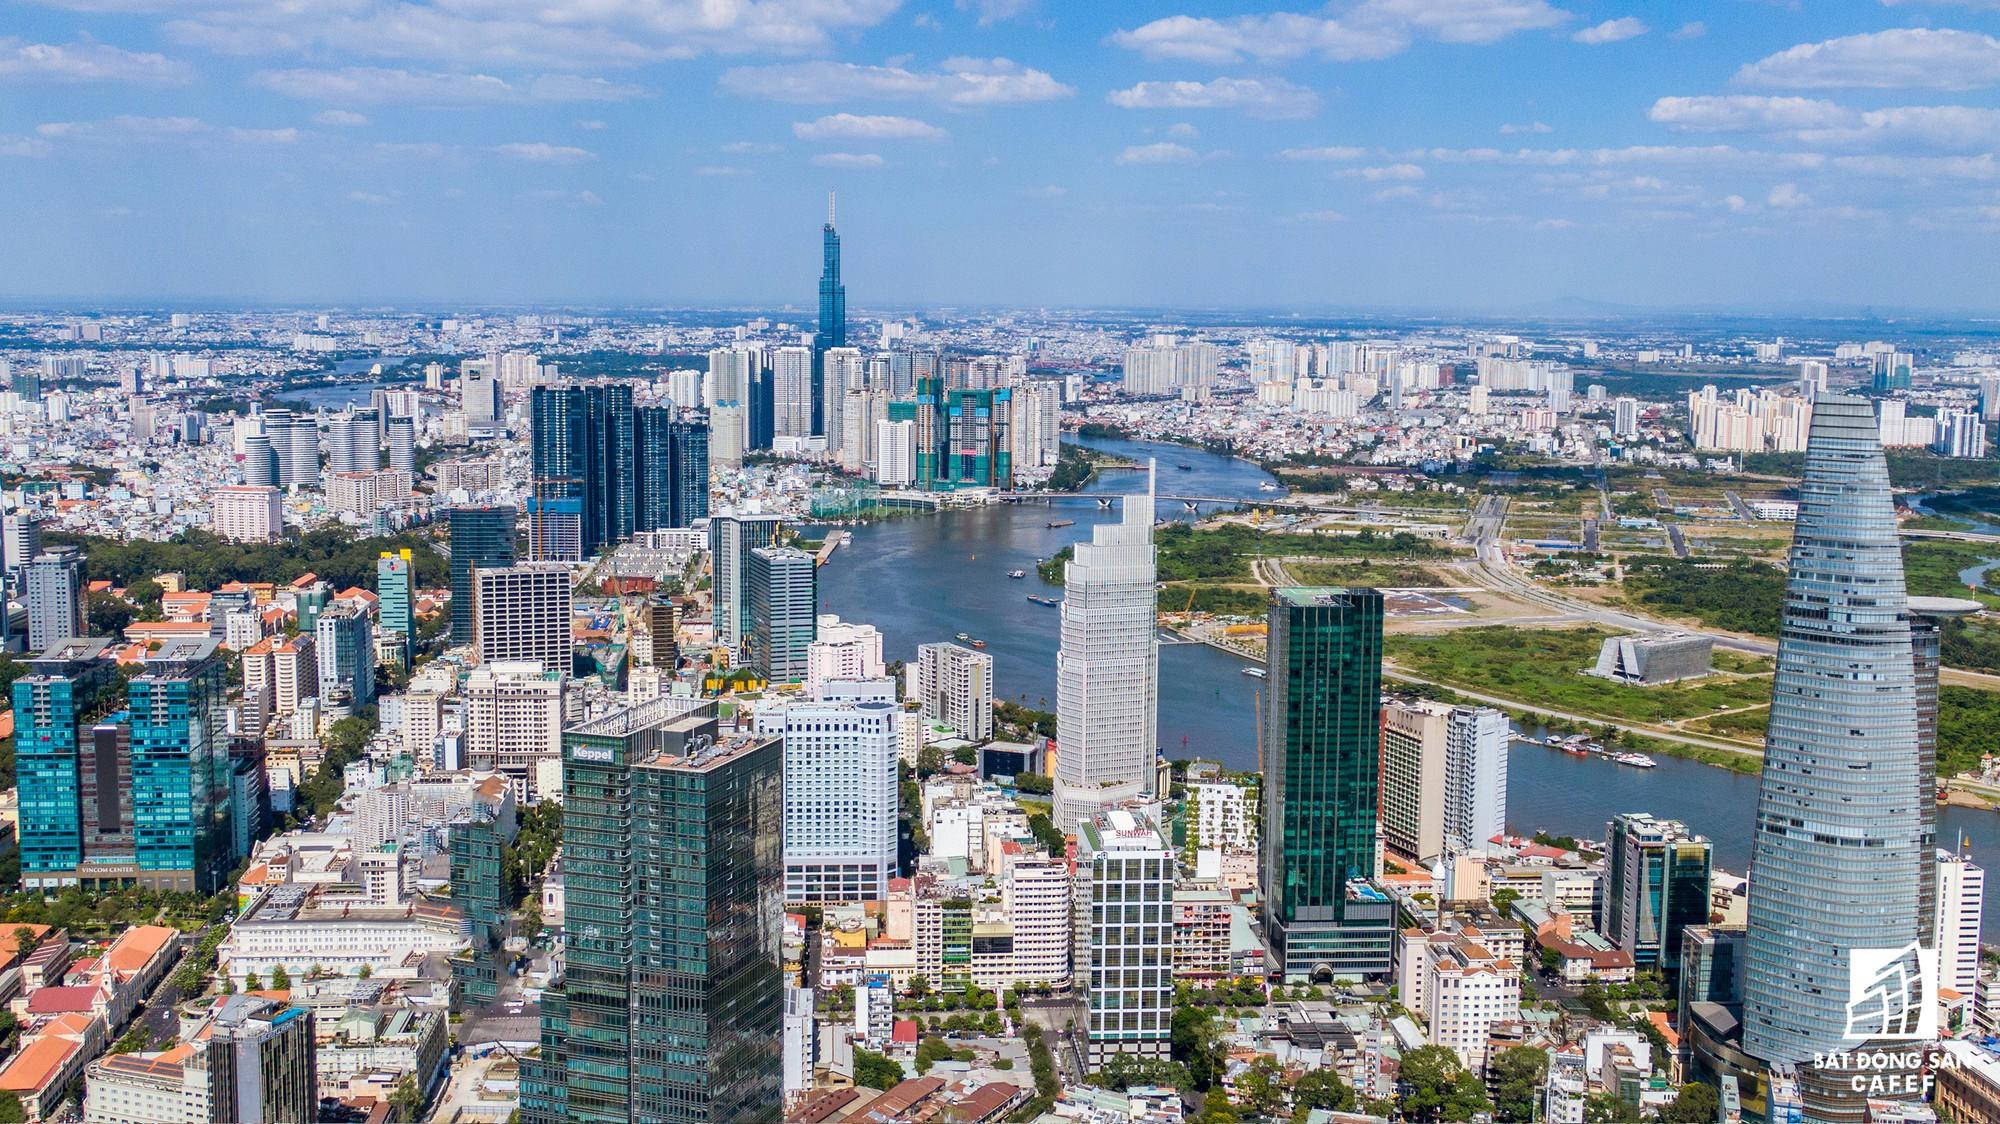 Diện mạo hai bờ sông Sài Gòn tương lai nhìn từ loạt siêu dự án tỷ đô, khu vực trung tâm giá nhà lên hơn 1 tỷ đồng/m2 - Ảnh 5. Diện mạo hai bờ sông Sài Gòn tương lai nhìn từ loạt siêu dự án tỷ đô, khu vực trung tâm giá nhà lên hơn 1 tỷ đồng/m2 Diện mạo hai bờ sông Sài Gòn tương lai nhìn từ loạt siêu dự án tỷ đô, khu vực trung tâm giá nhà lên hơn 1 tỷ đồng/m2 hinh 9 1568274766594129982773